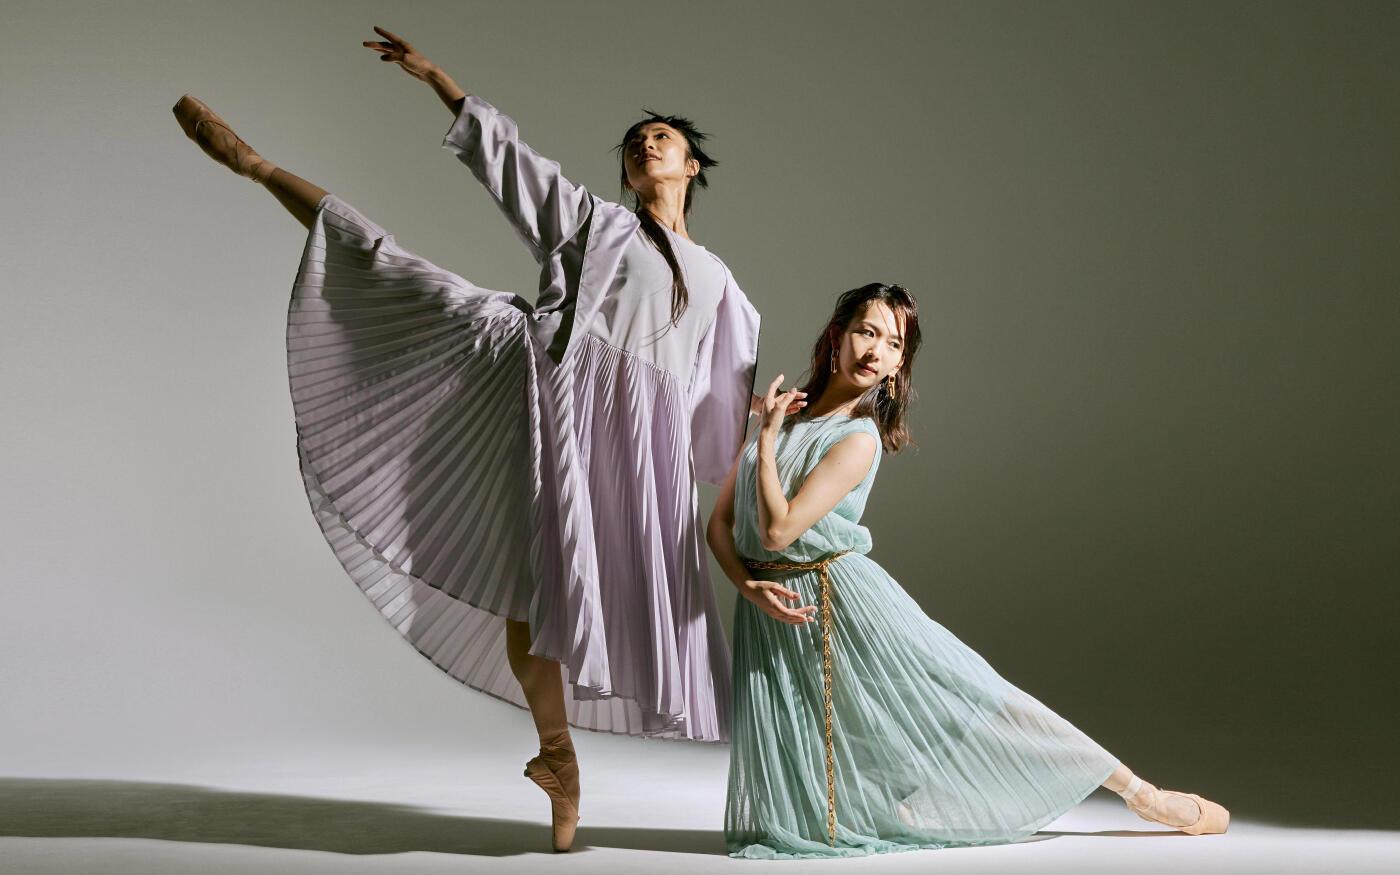 EPOCA MEETS BALLET / バレエダンサーの洗練された動きが体現するエポカの新たなエレガンス